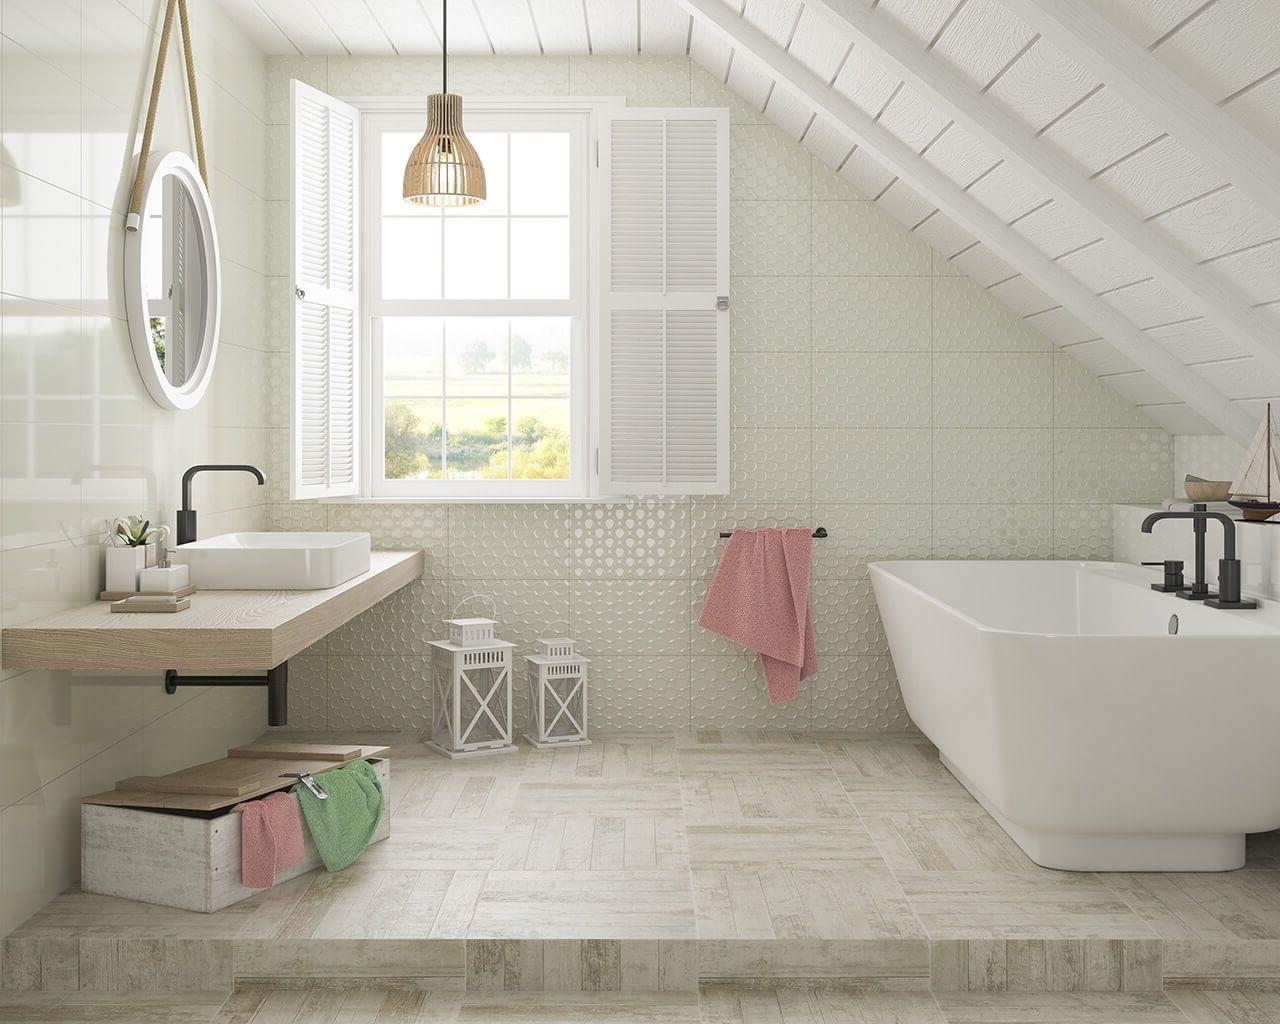 Salle de bains en couleurs clairs et nuances pastel.